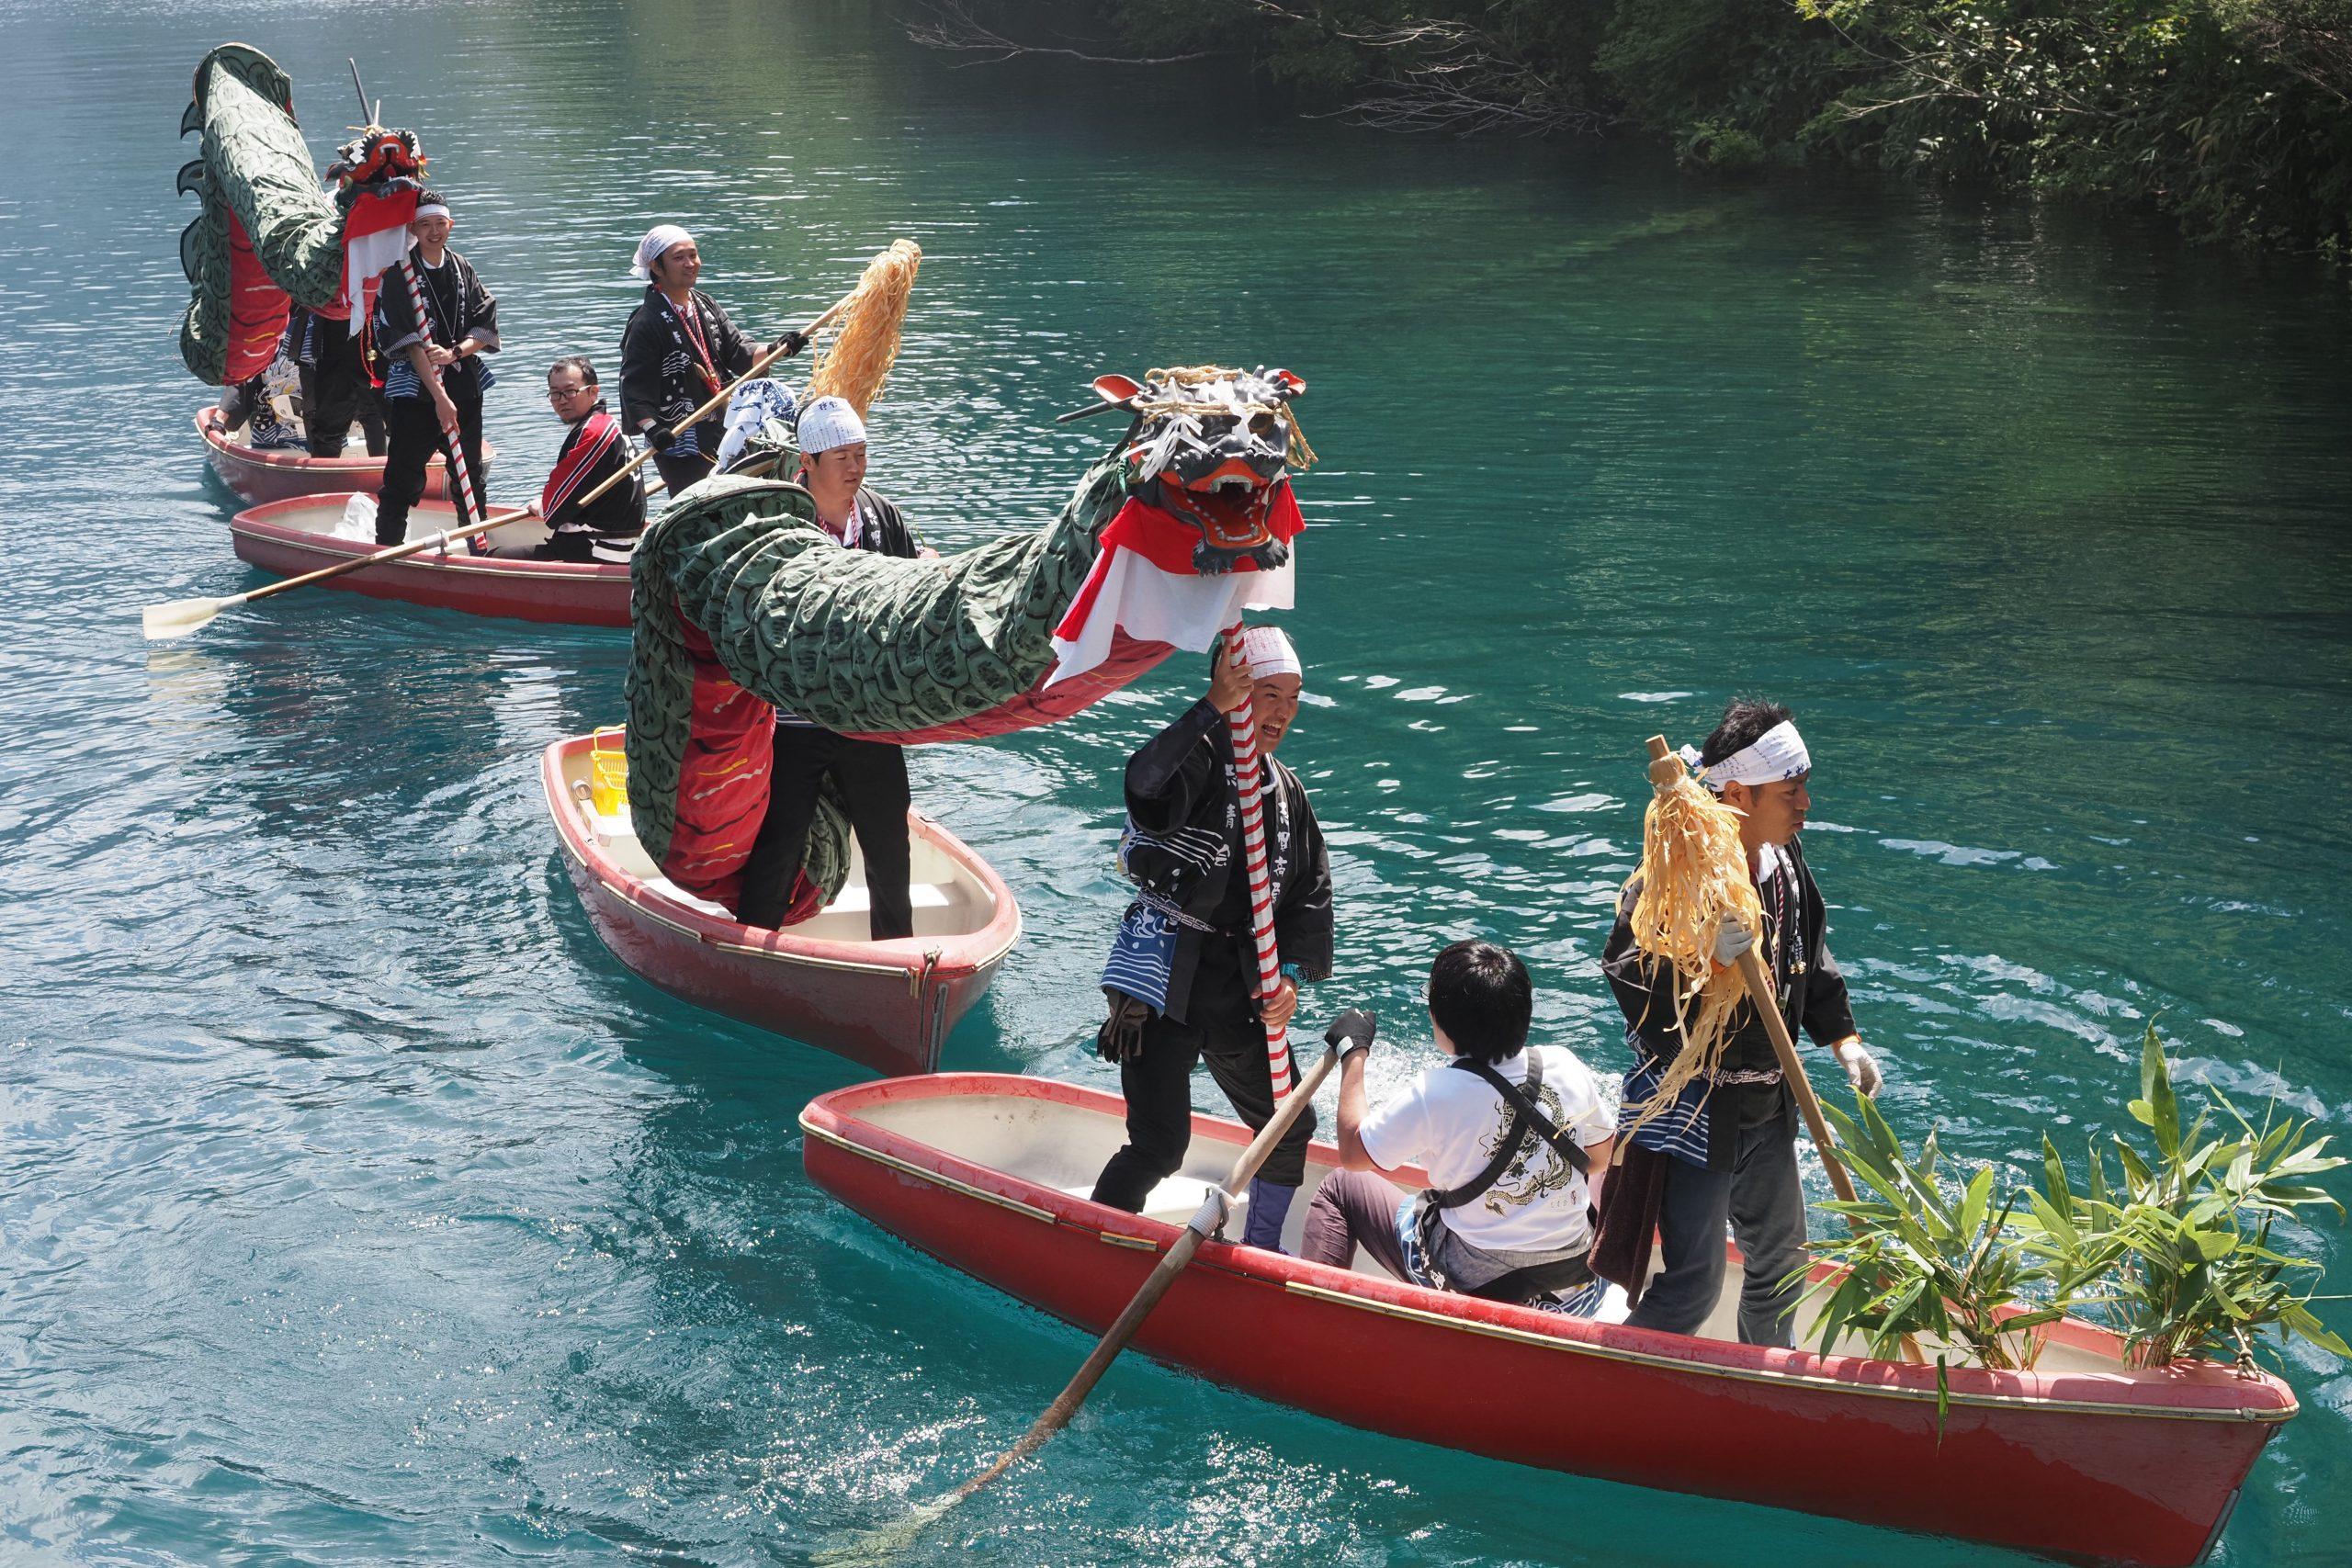 shiga-kogen-daija-festival-yamanouchi